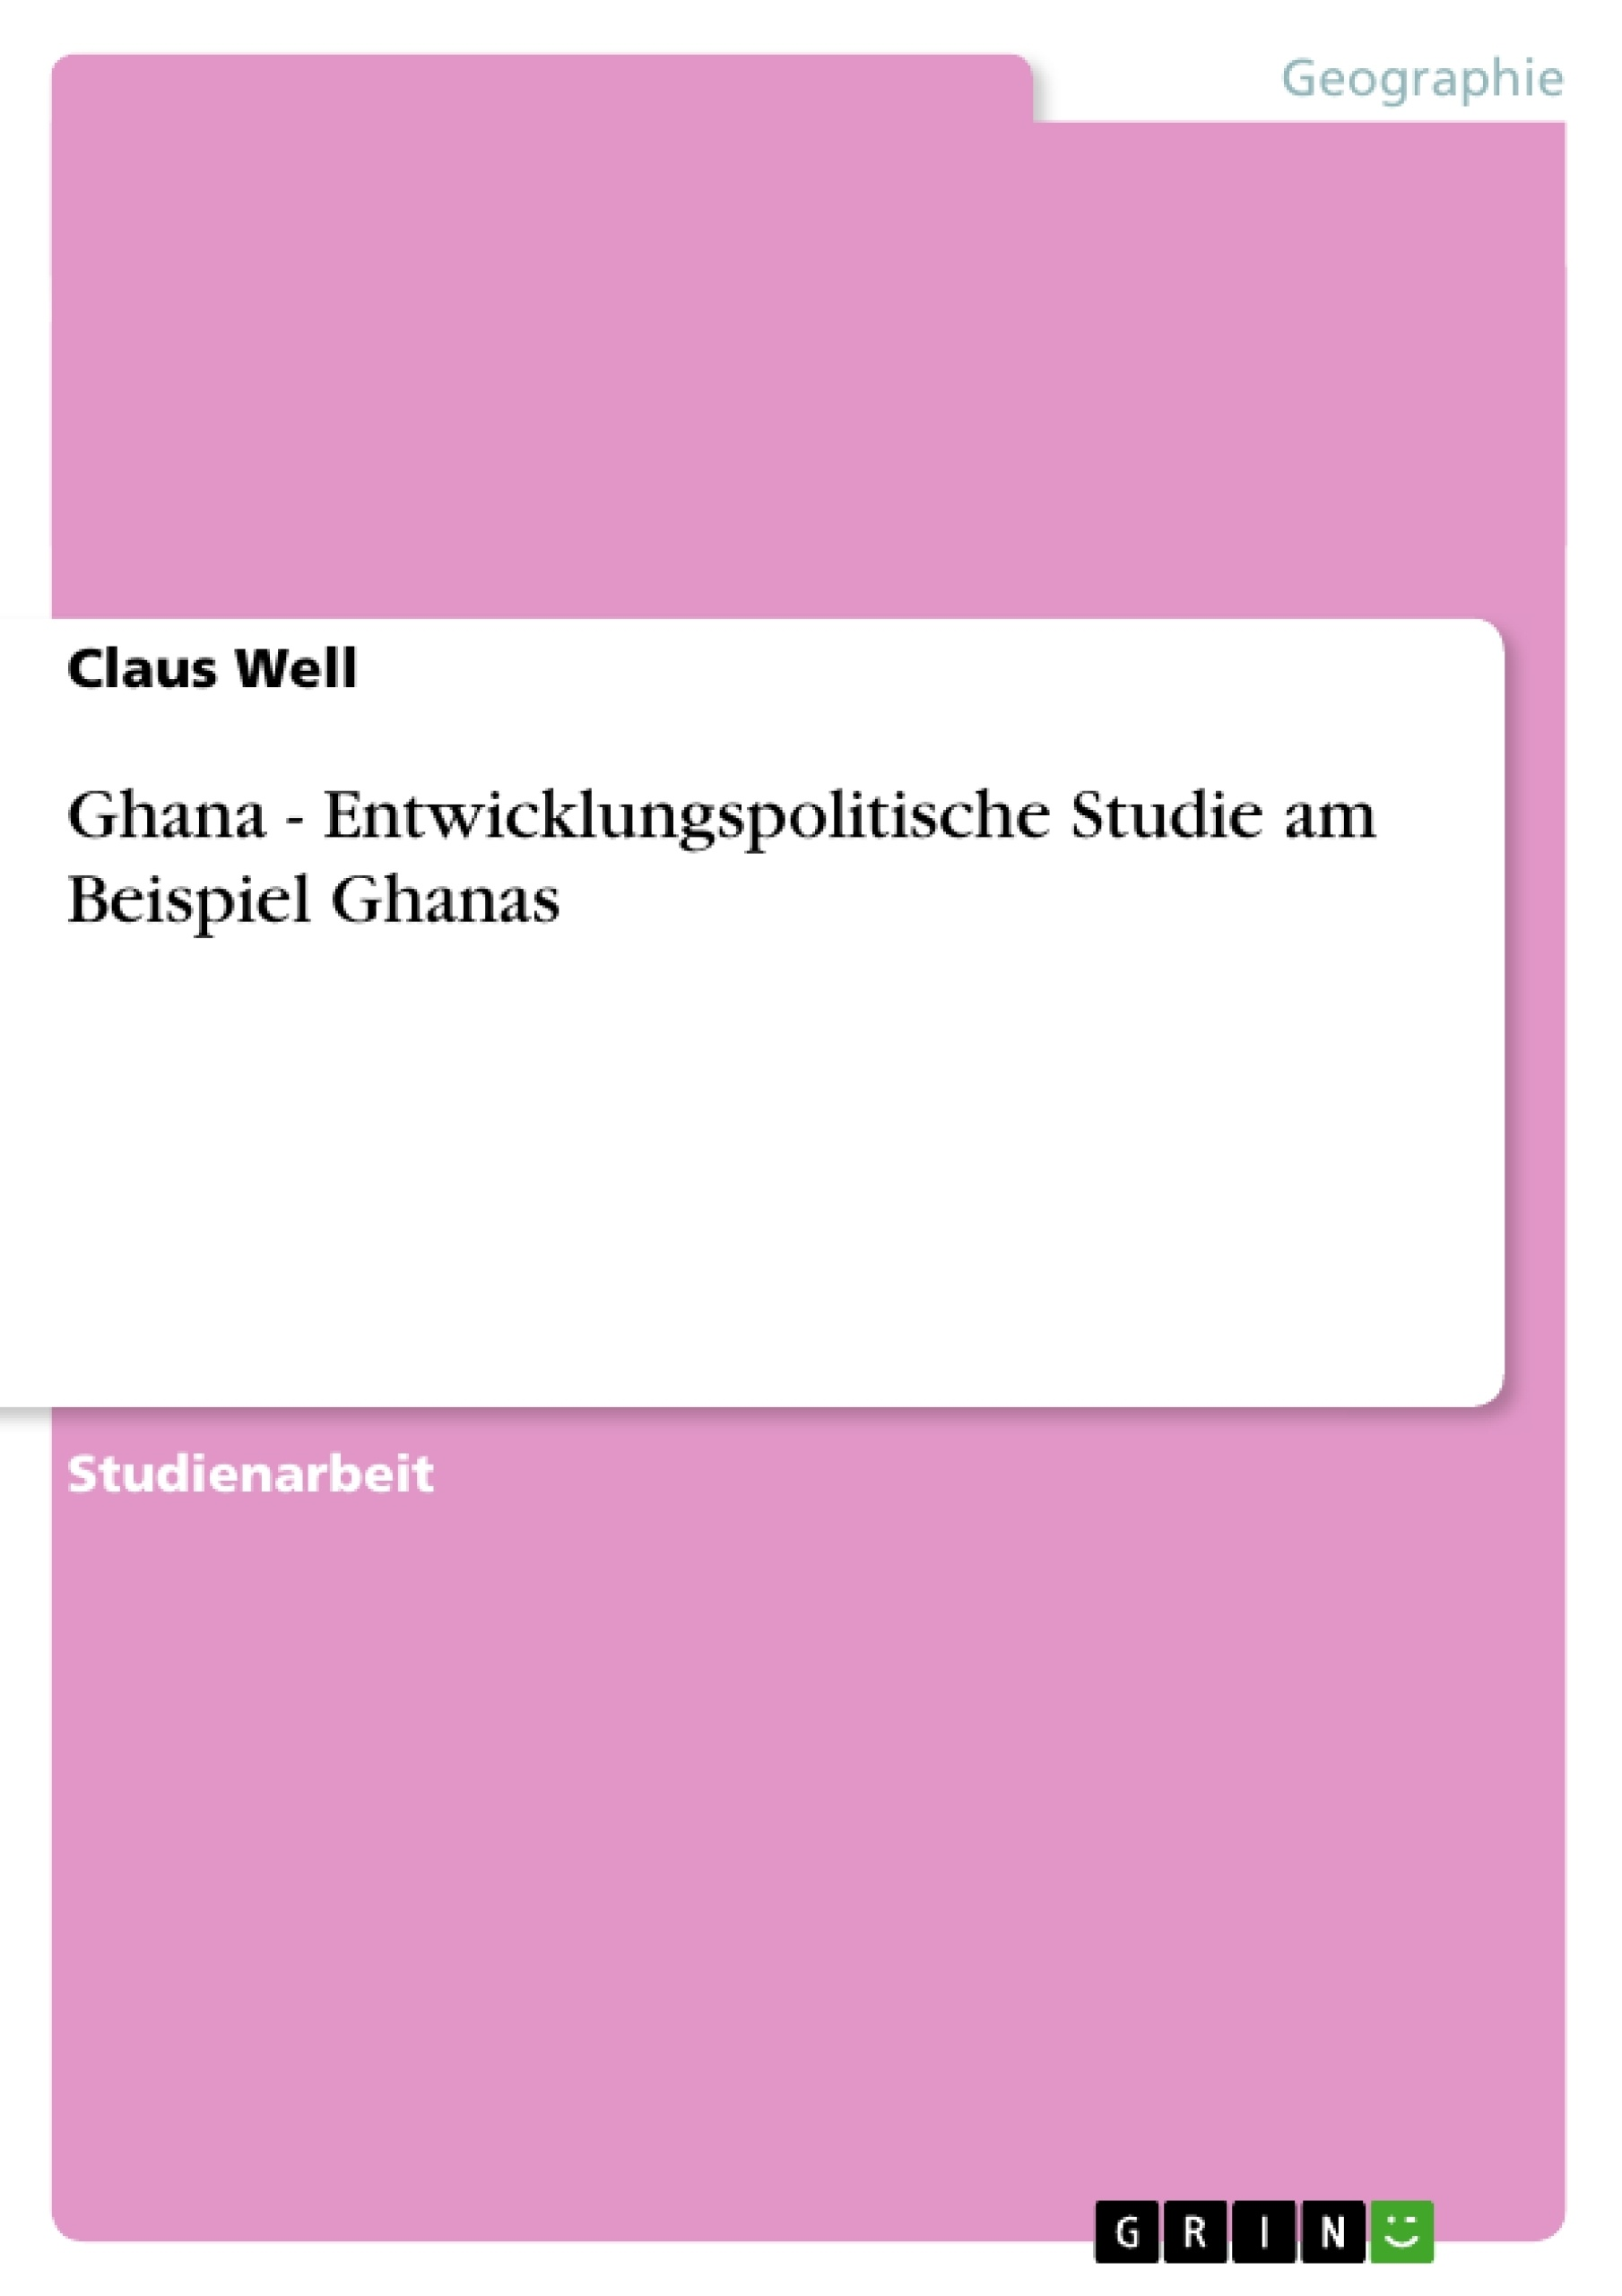 Titel: Ghana - Entwicklungspolitische Studie am Beispiel Ghanas